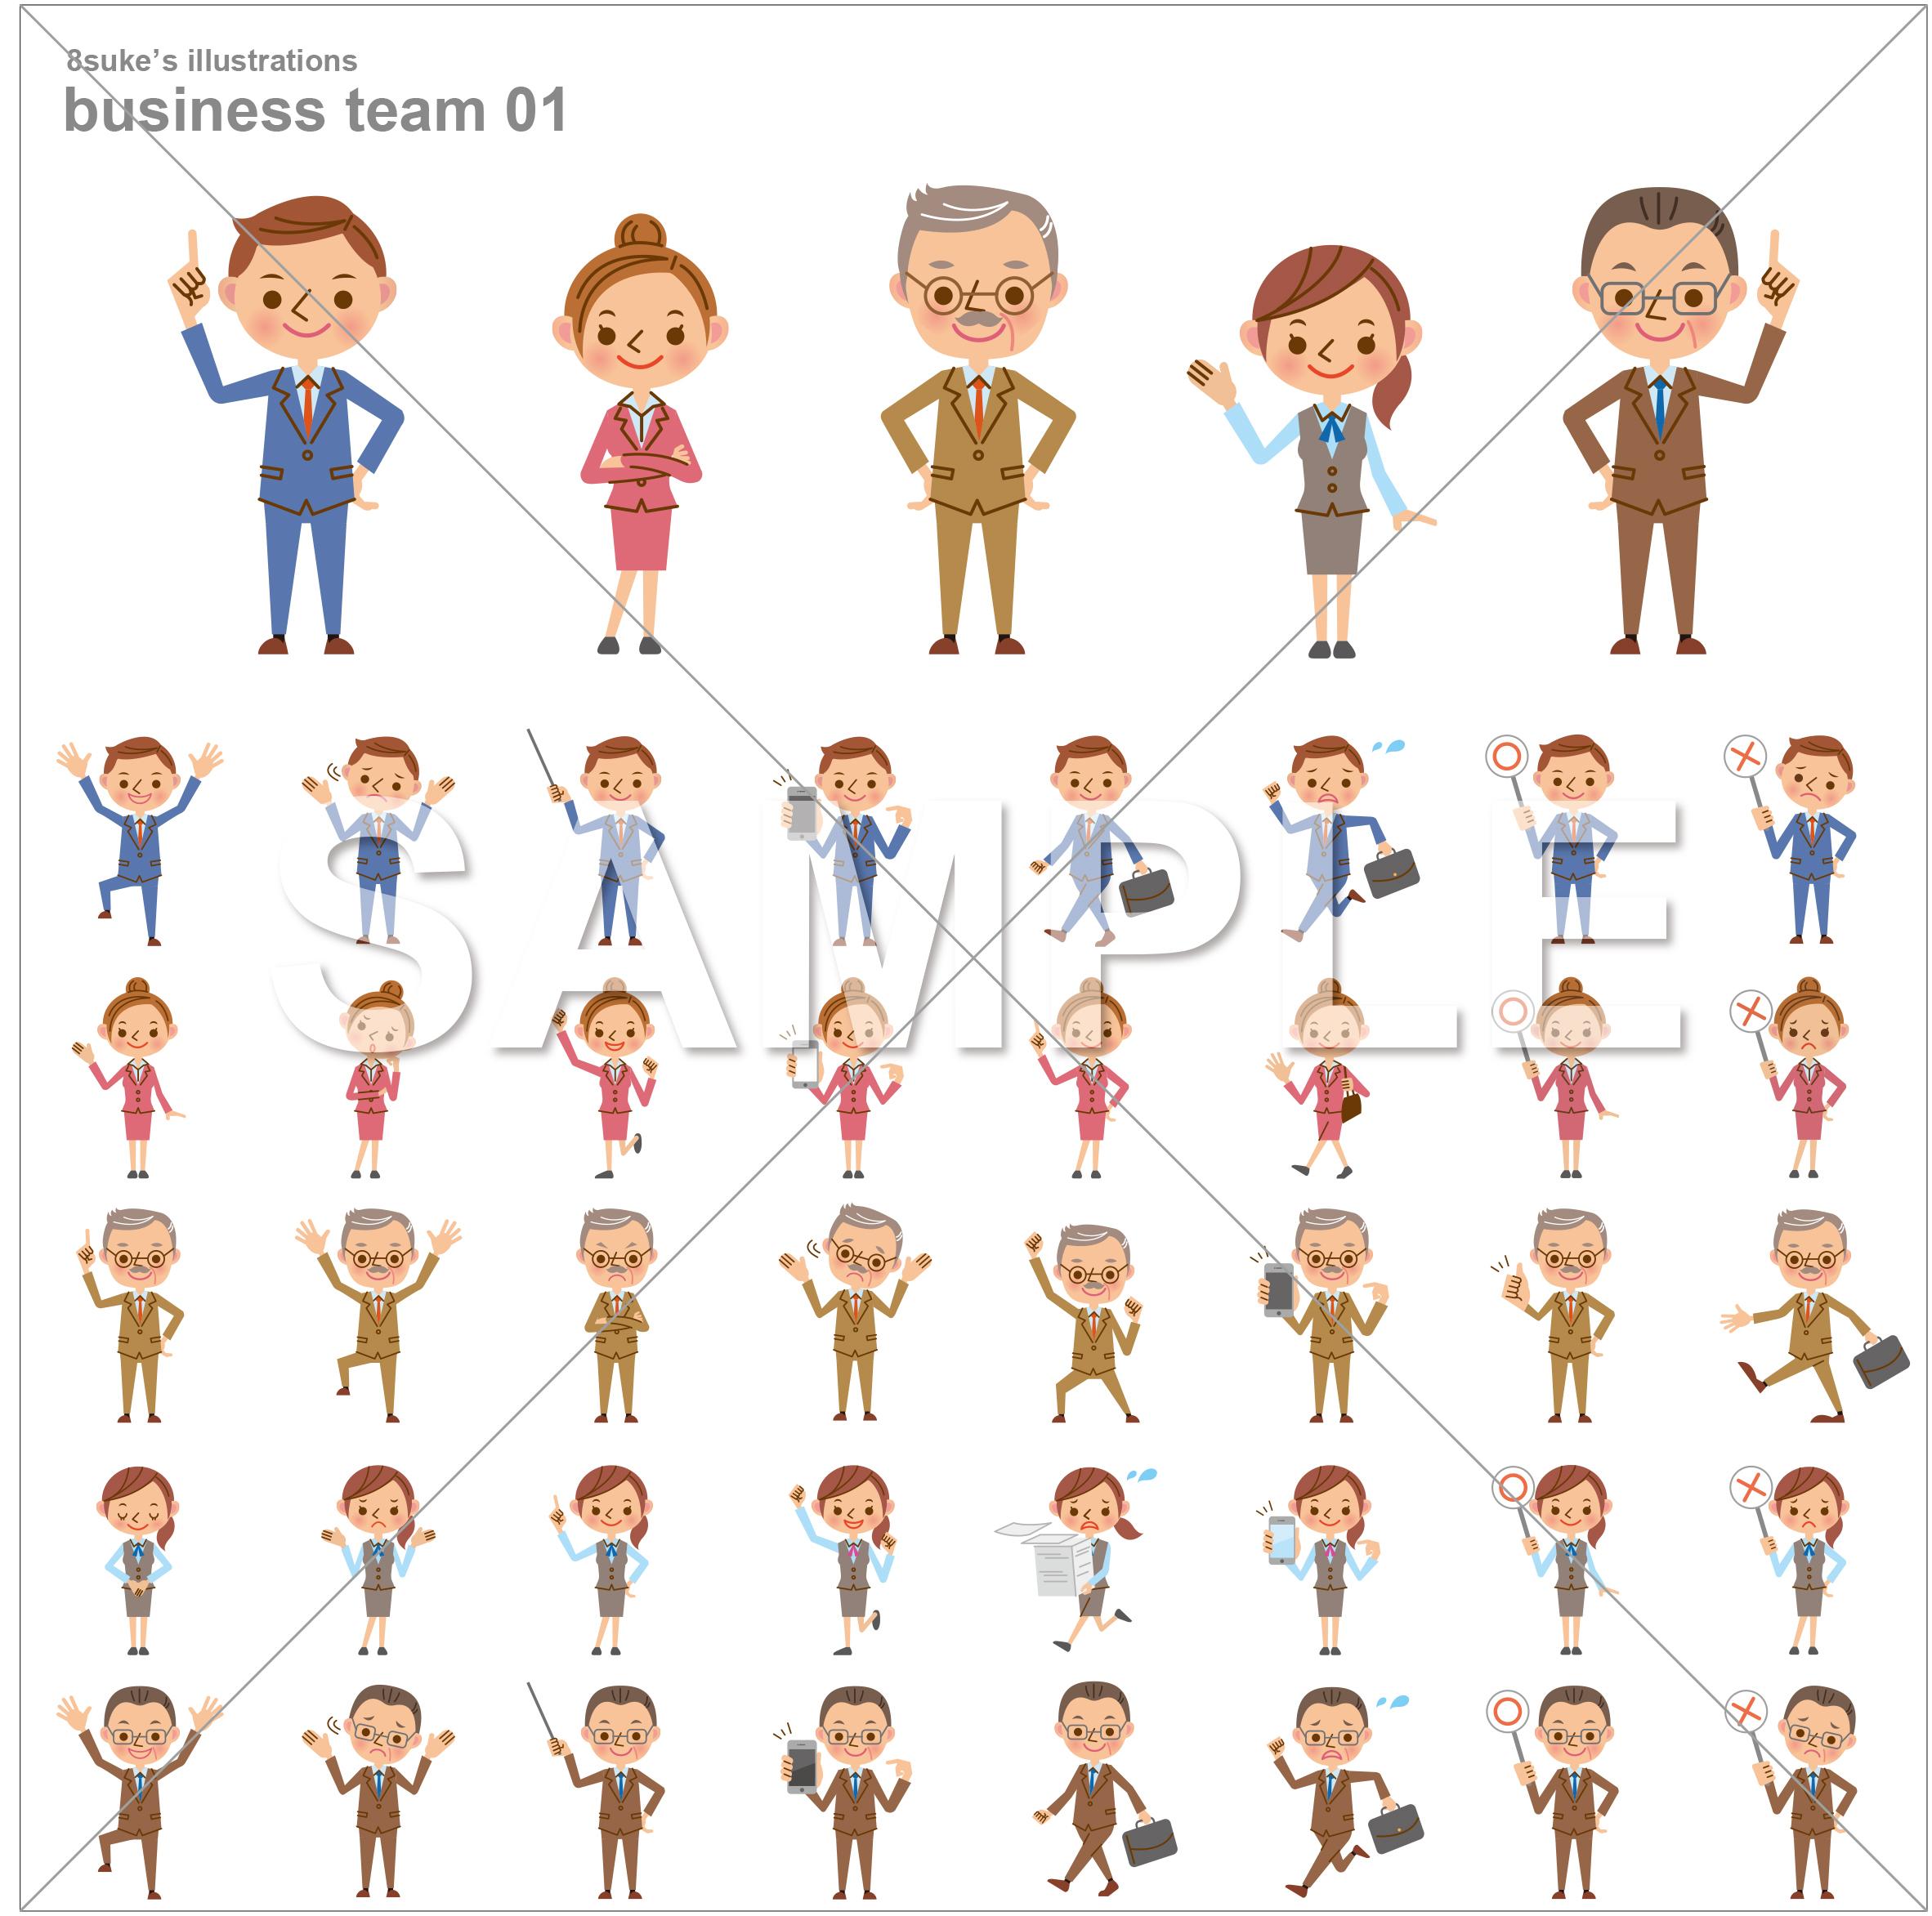 かわいい人物イラスト素材:ビジネスチーム5人のポーズセット